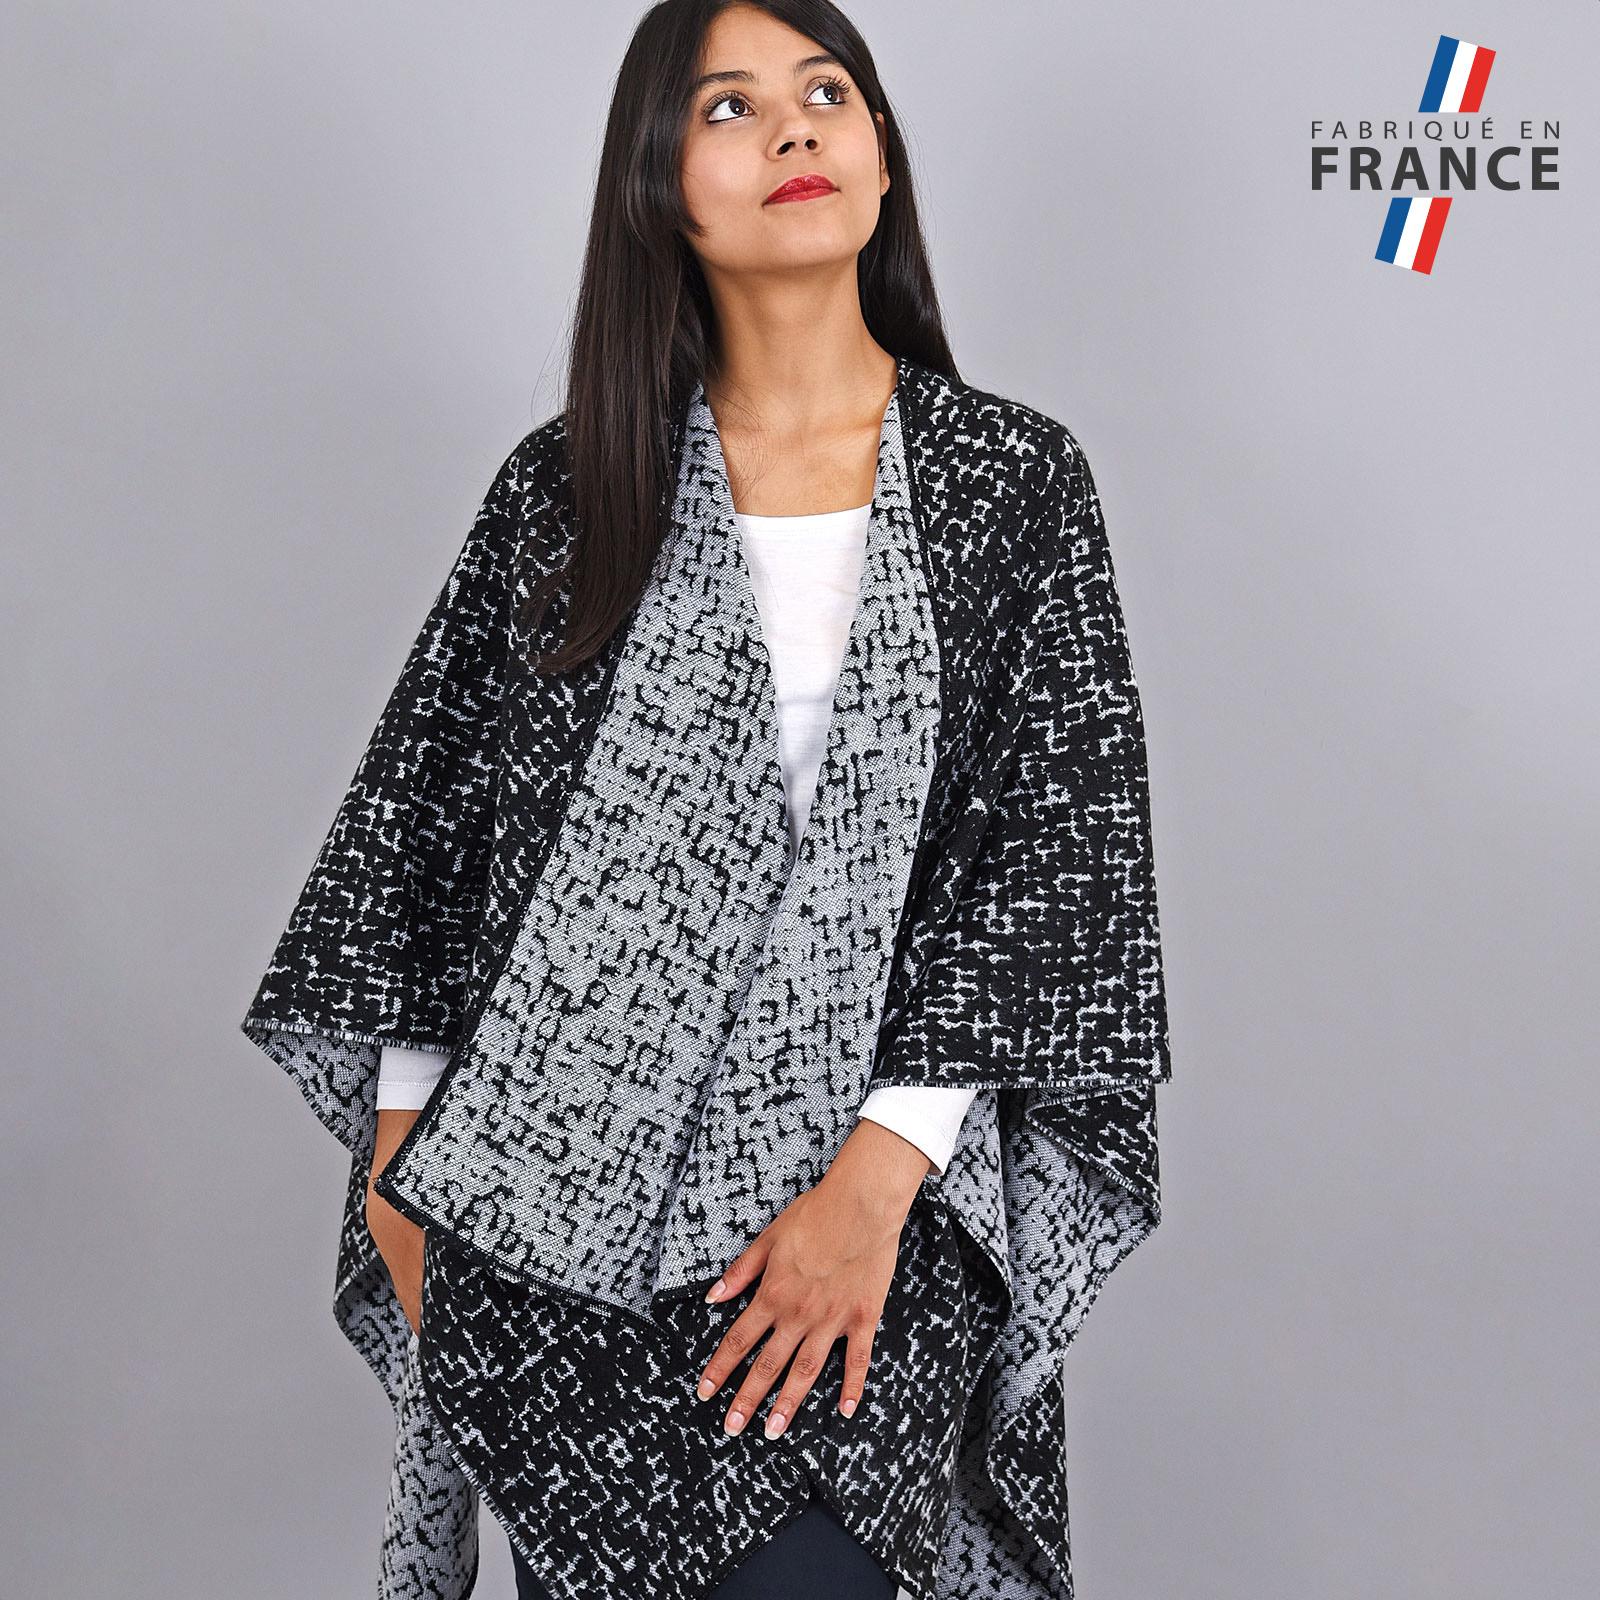 AT-03958-VF16-FR-poncho-femme-noir-mouchete